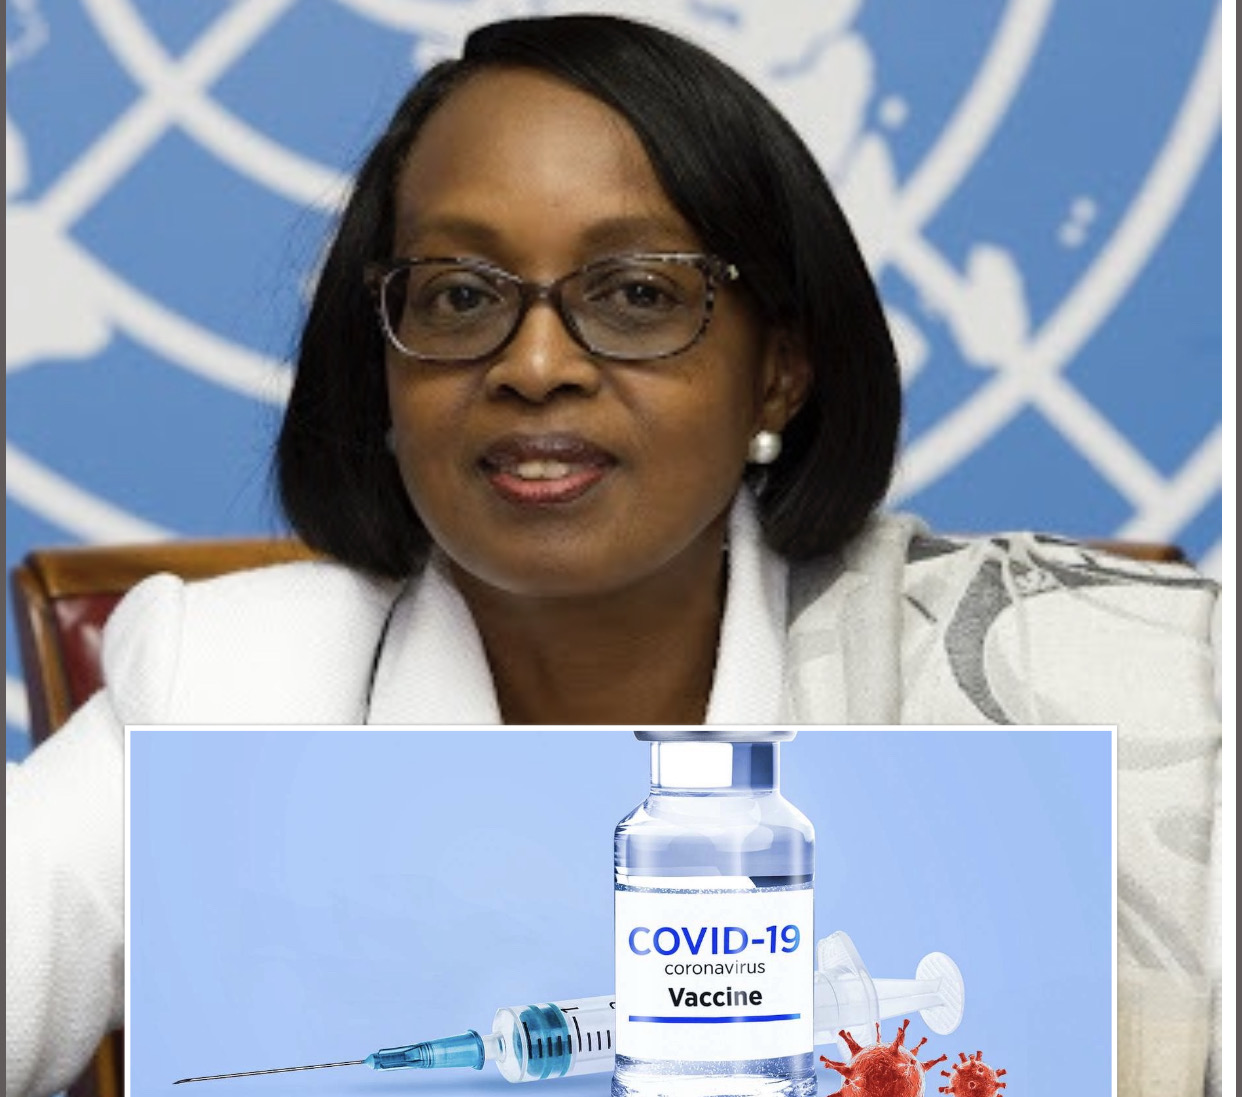 Covid-19 : L'Oms sonne l'urgence d'une approche coordonnée pour la surveillance et l'évaluation des impacts potentiels des variantes sur l'efficacité du vaccin.